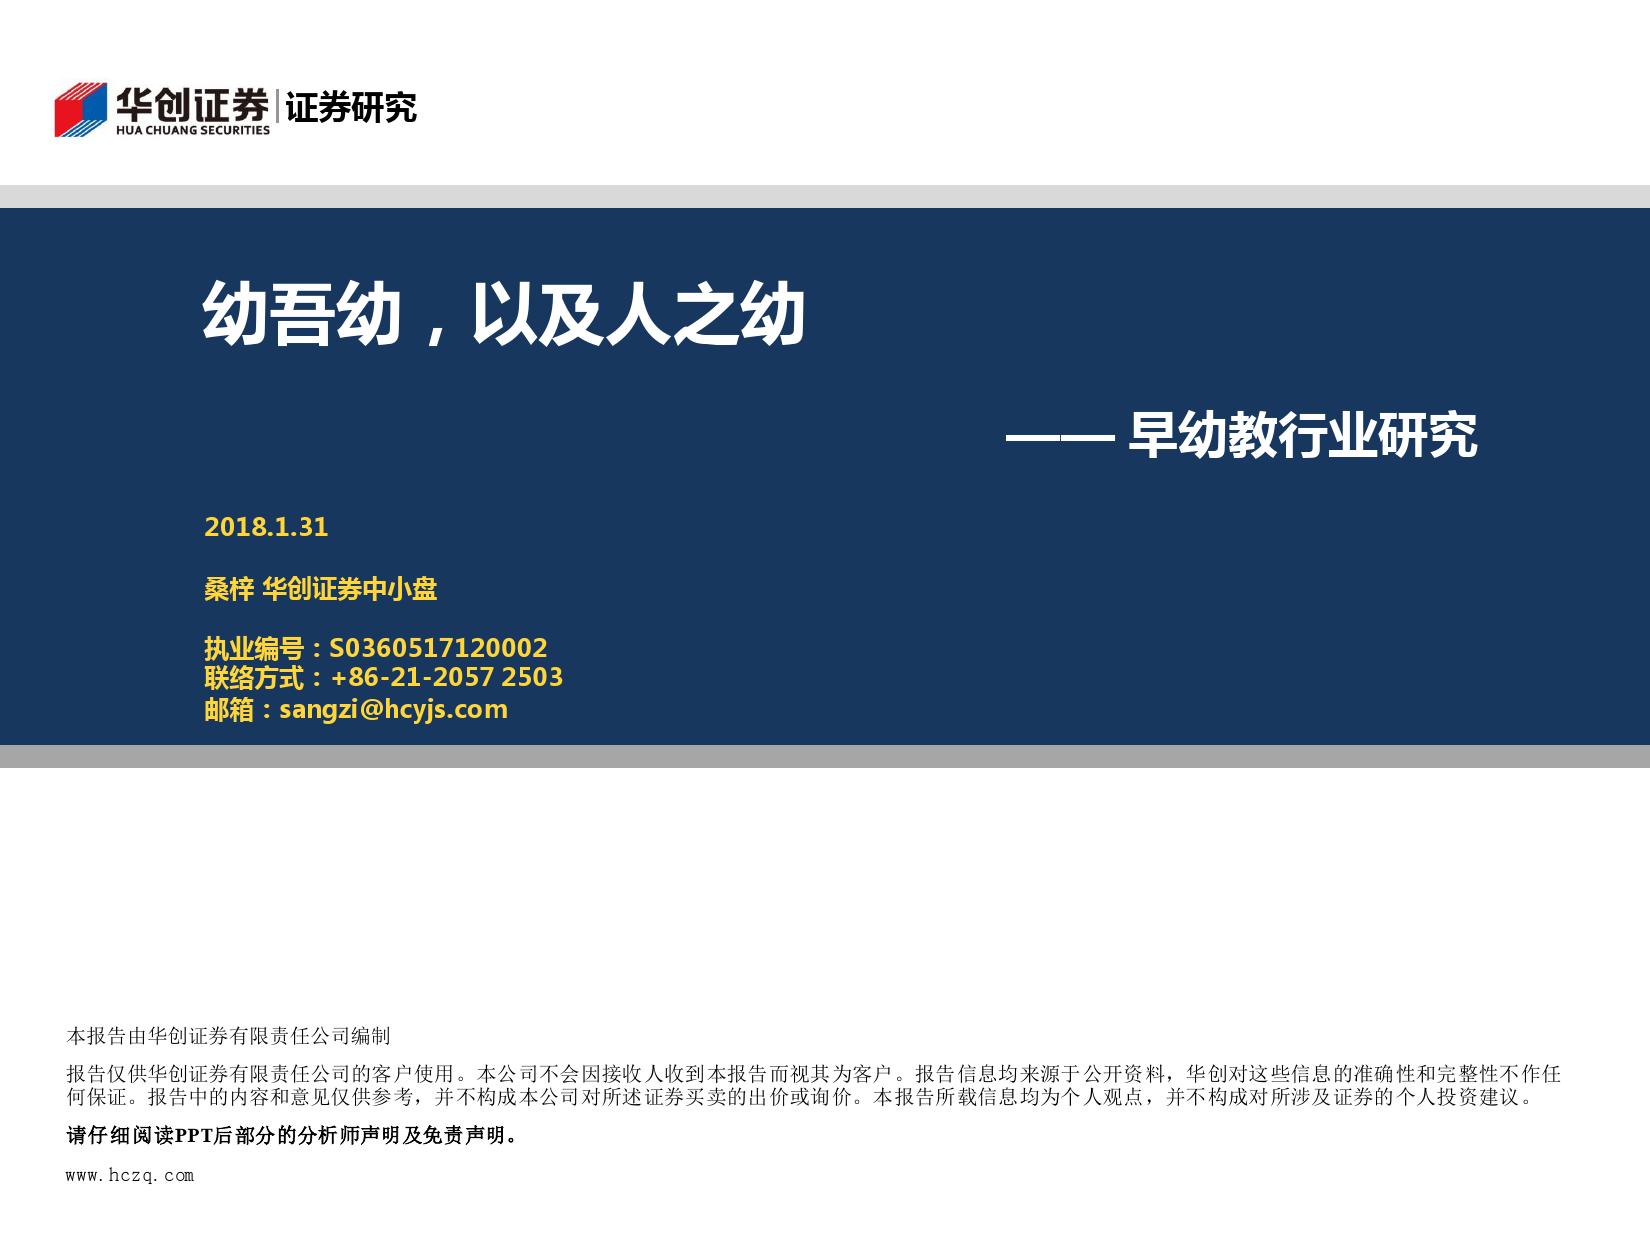 华创证券:2018年早幼教行业研究报告 (附下载)